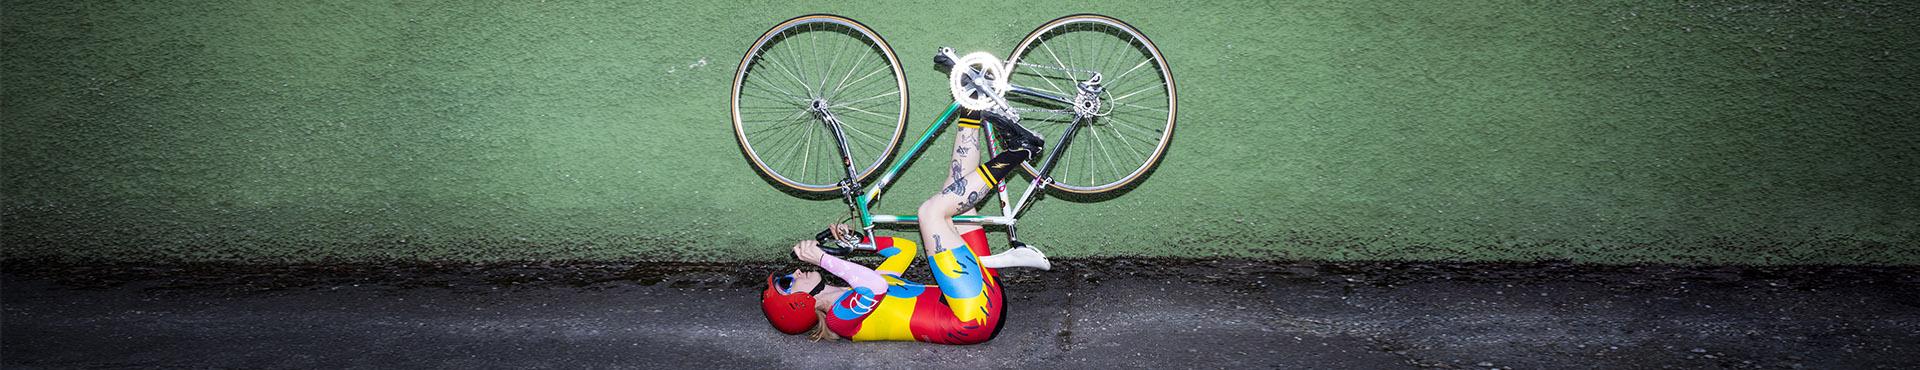 Bikerin fährt am Rücken liegend Fahrrad